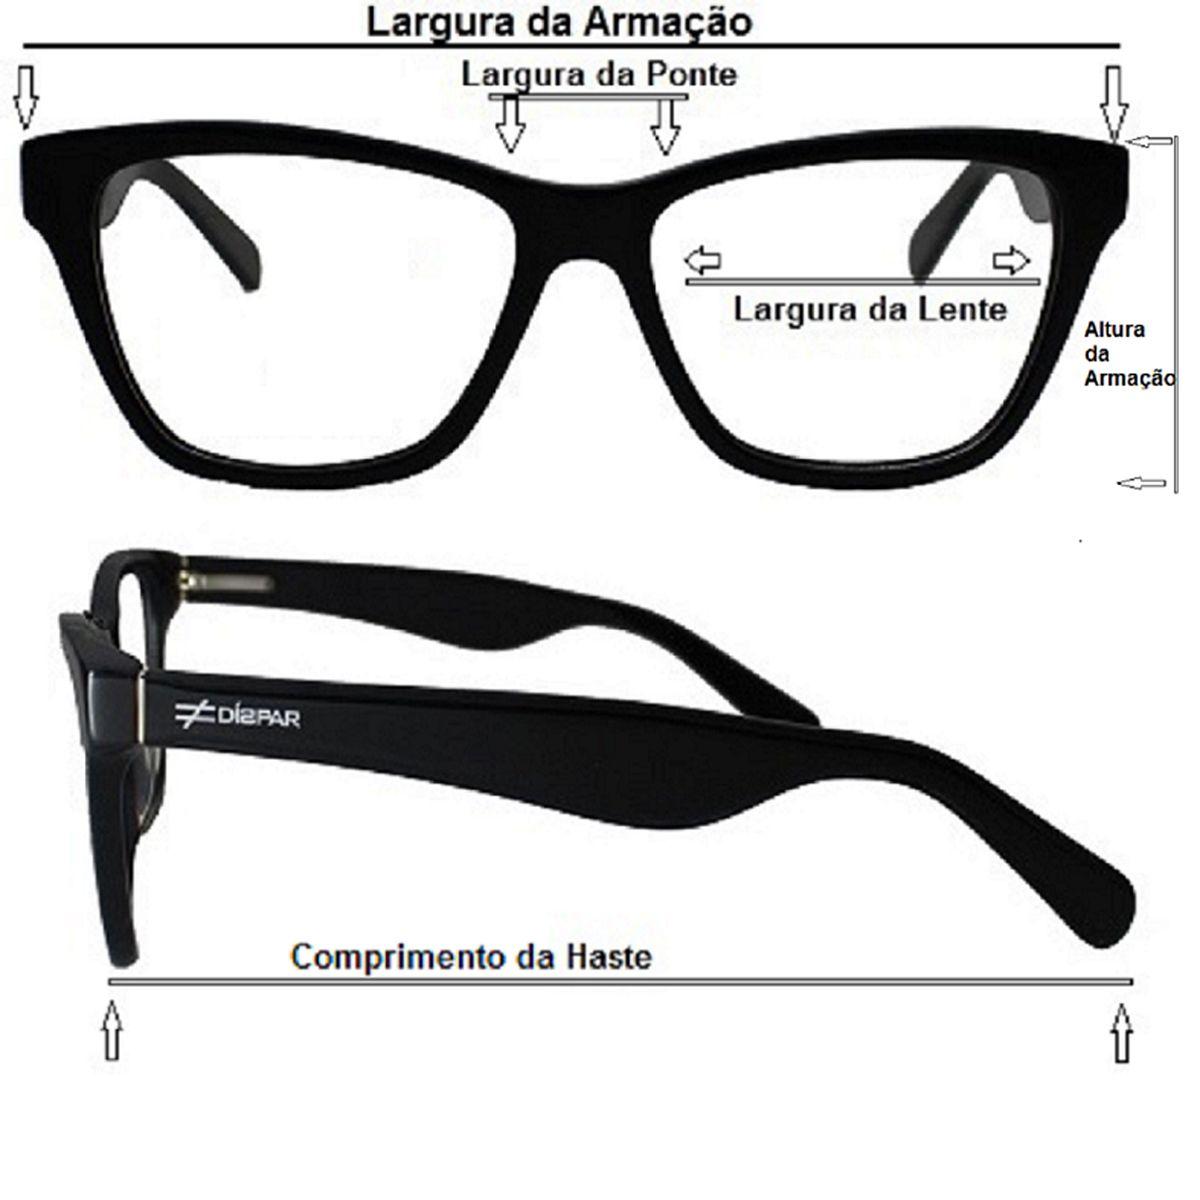 Óculos de Sol Díspar ID1902 infantil idade 3 a 6 anos Dourado